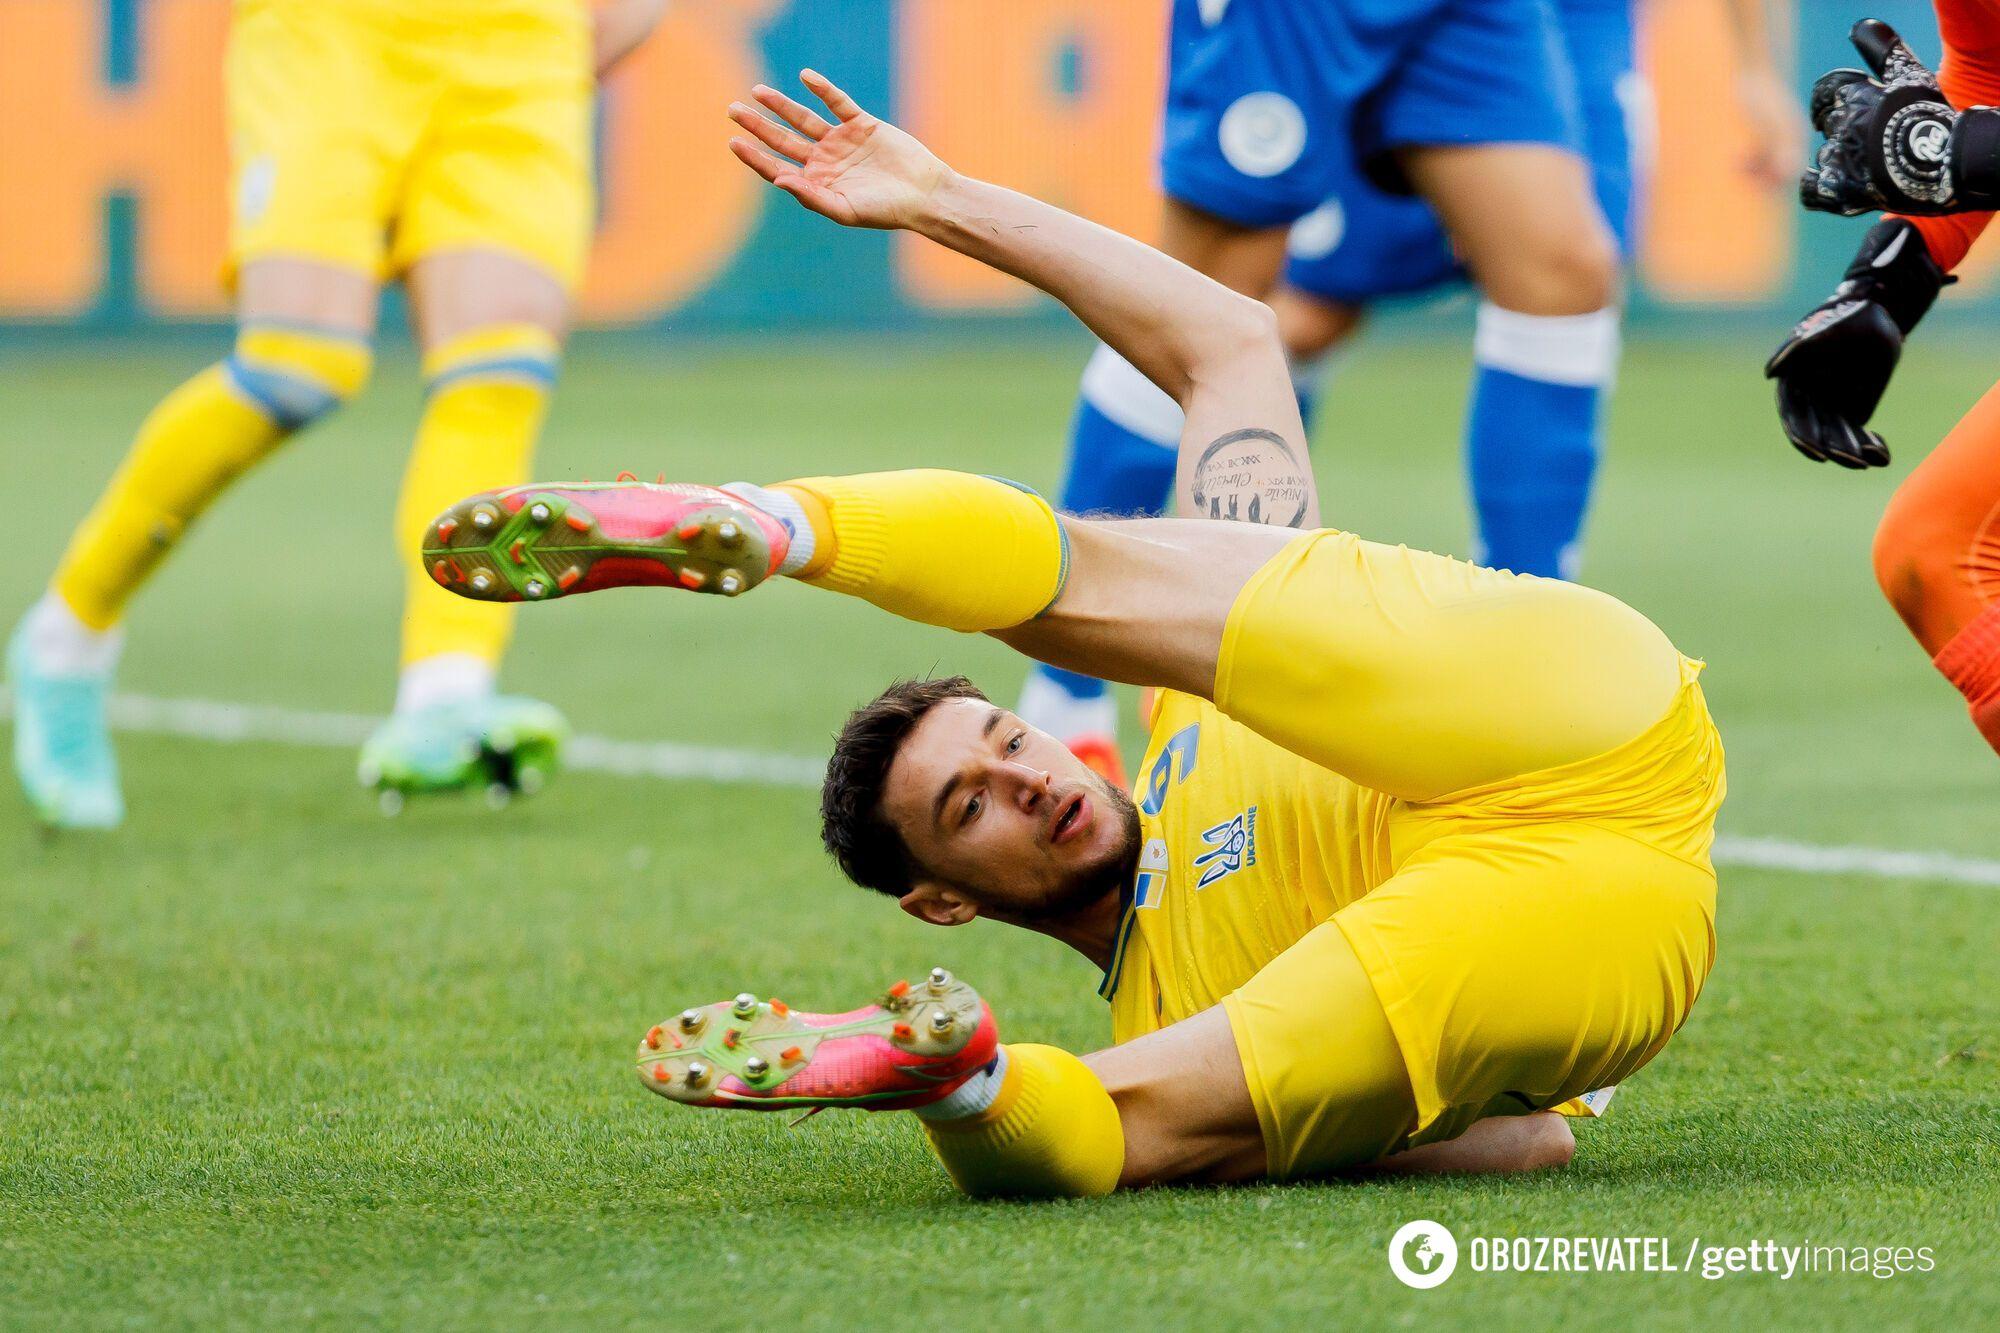 Роман Яремчук упустил несколько убойных шансов для гола